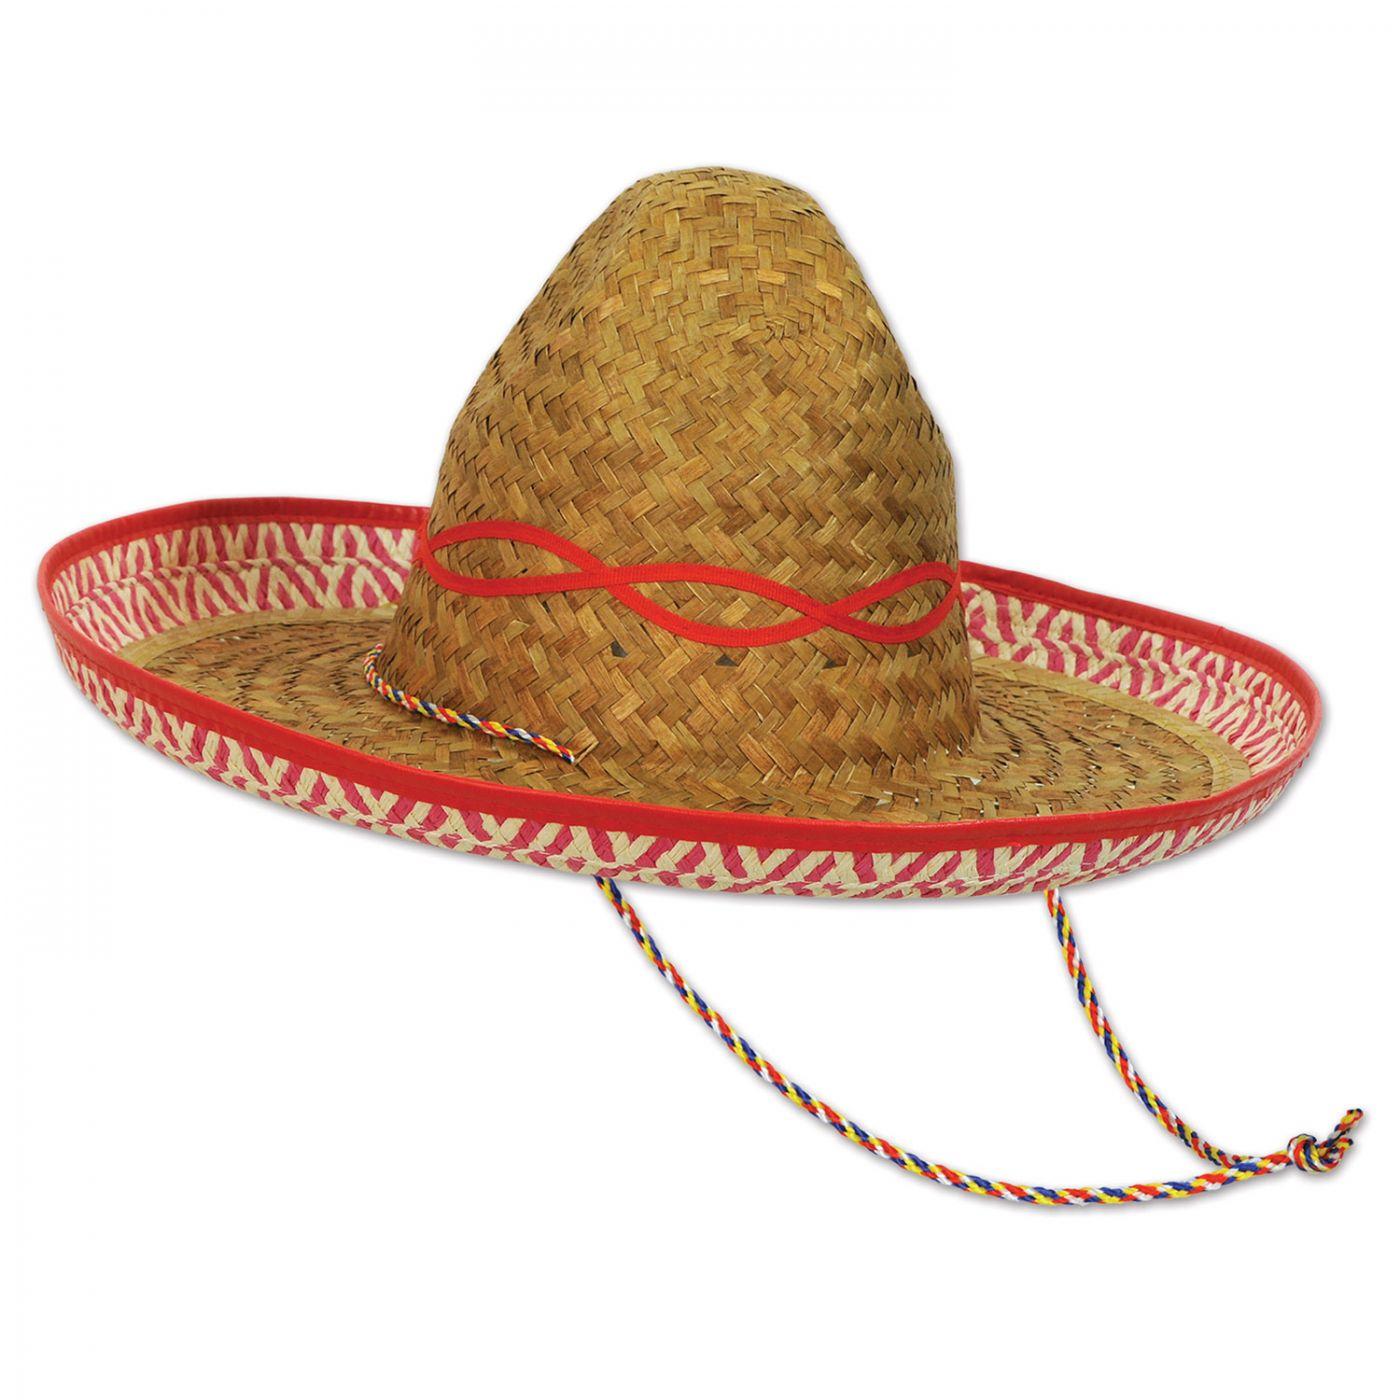 Sombrero (48) image